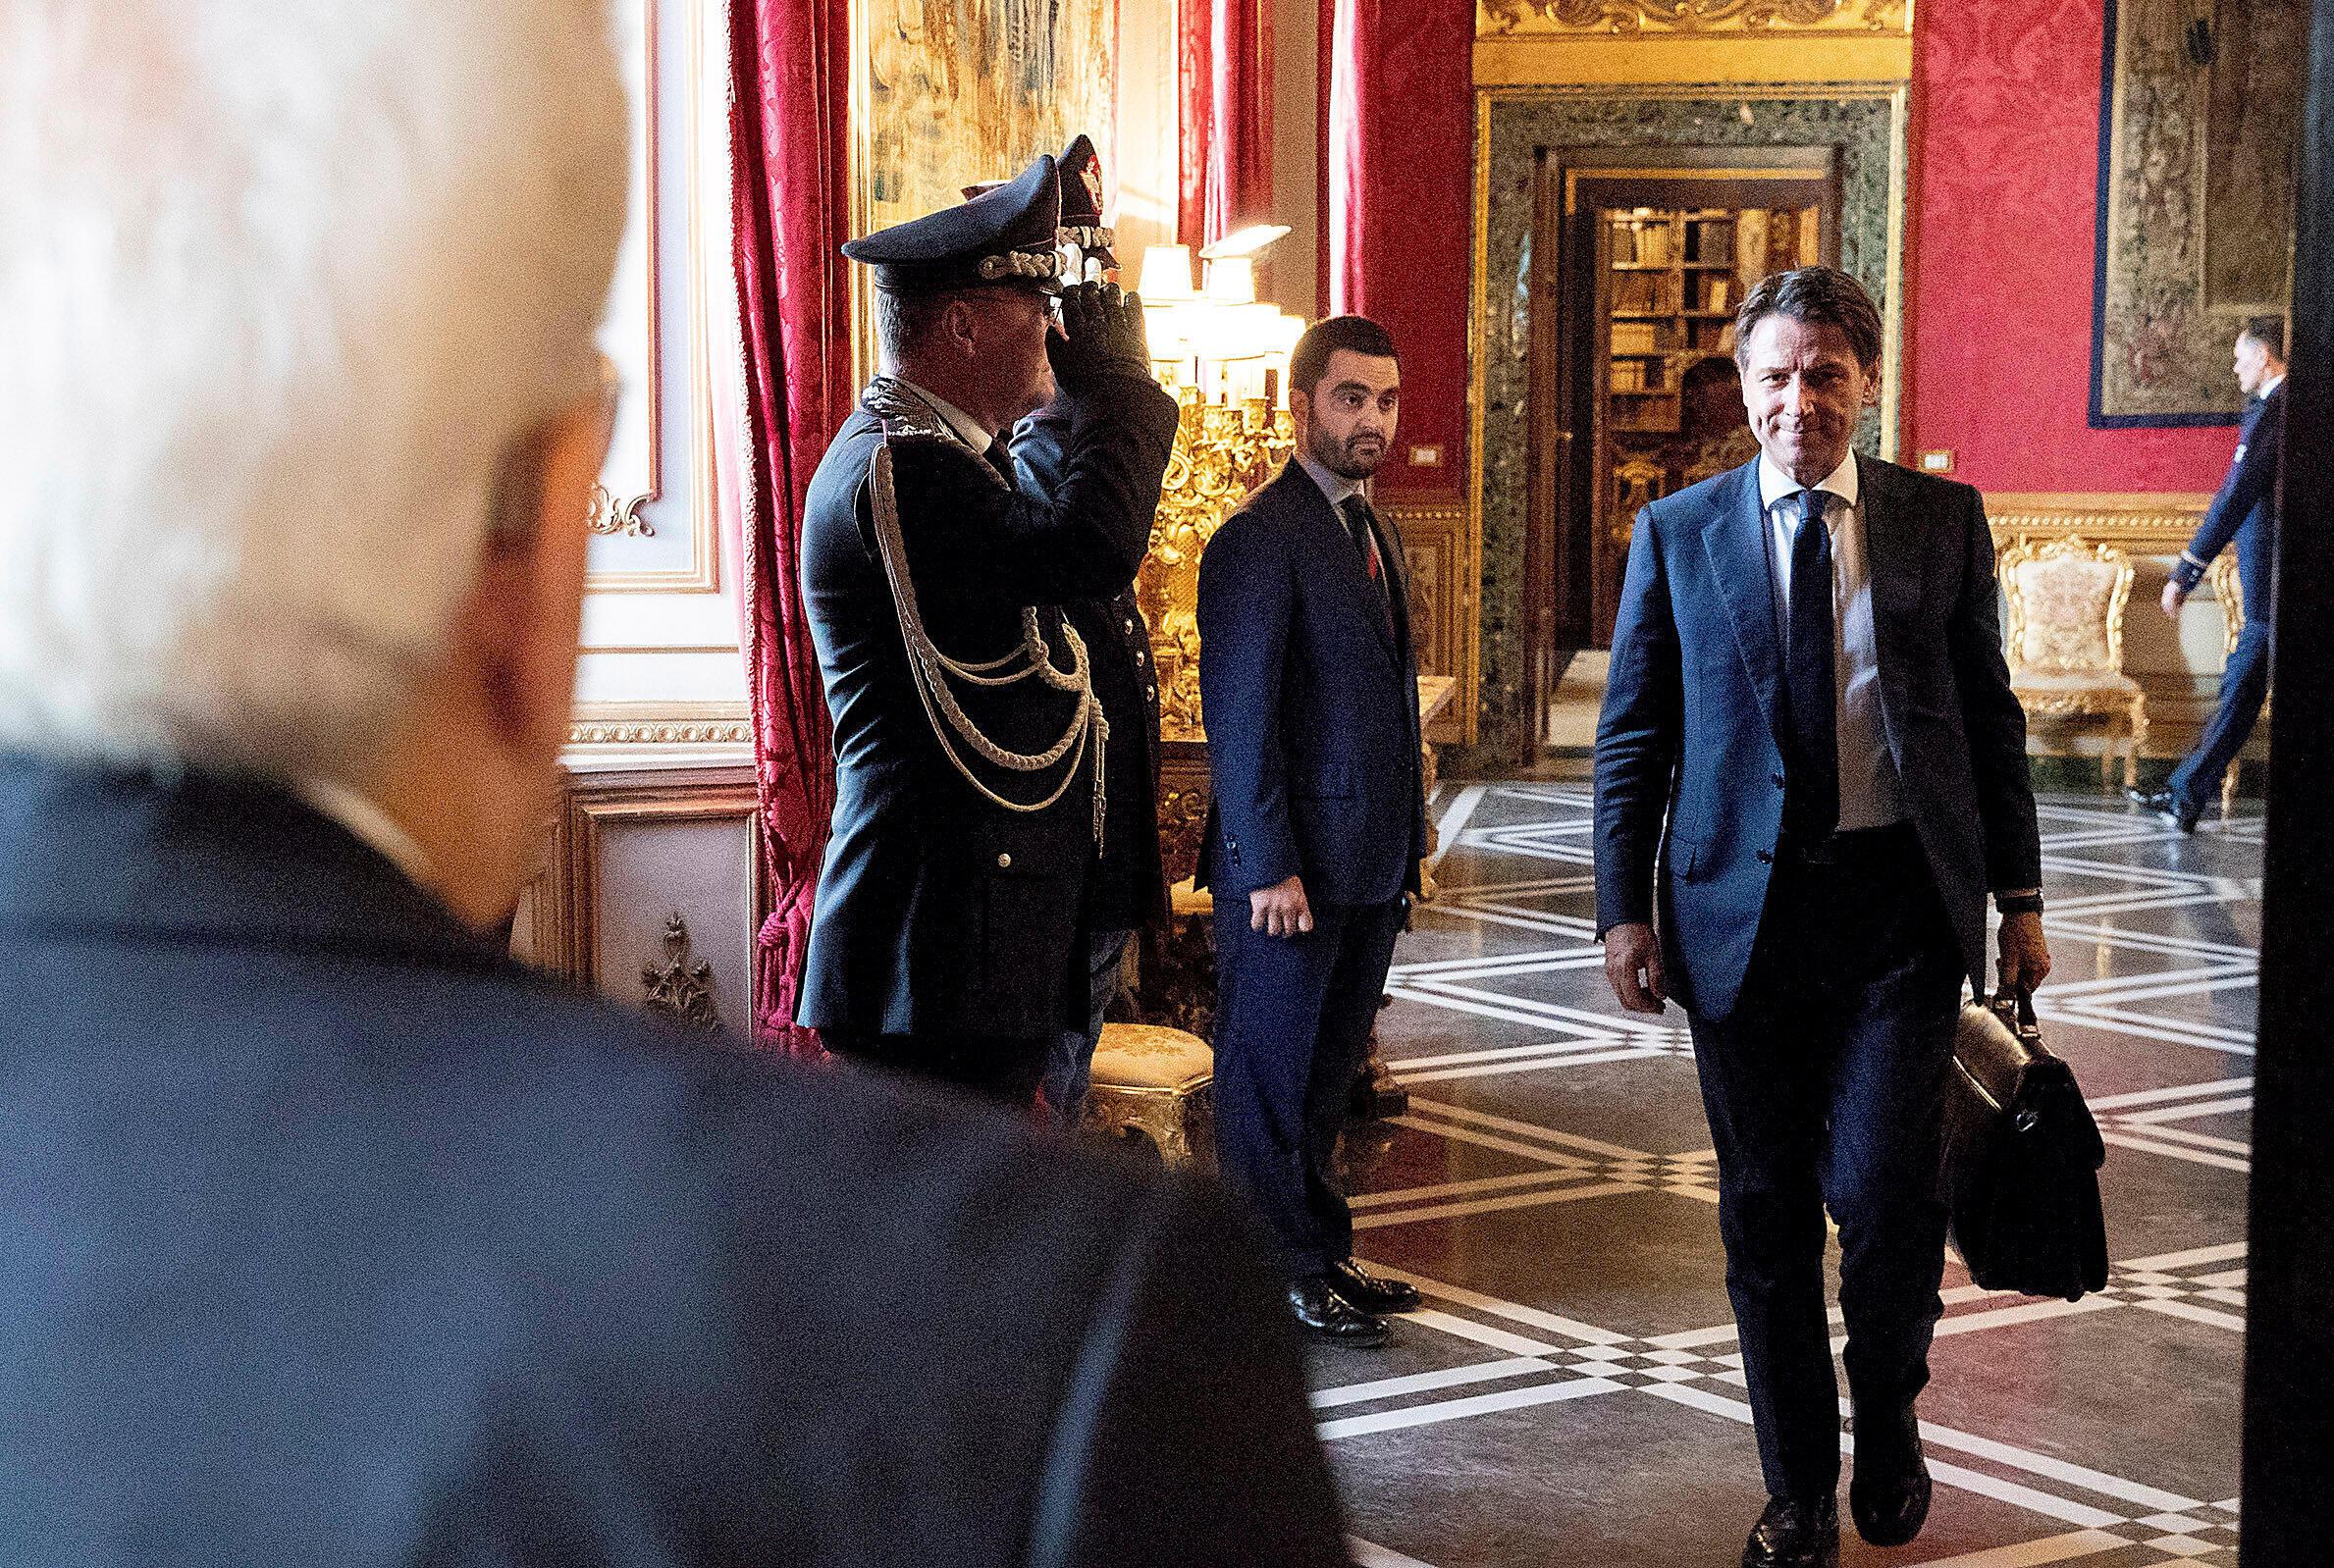 Giuseppe Conte a rencontré le chef de l'Etat Sergio Mattarella, au Quirinal, le 27 mai 2018. Choisi par le M5S et la Ligue pour occuper la fonction de président du Conseil, il a renoncé à former un gouvernement.